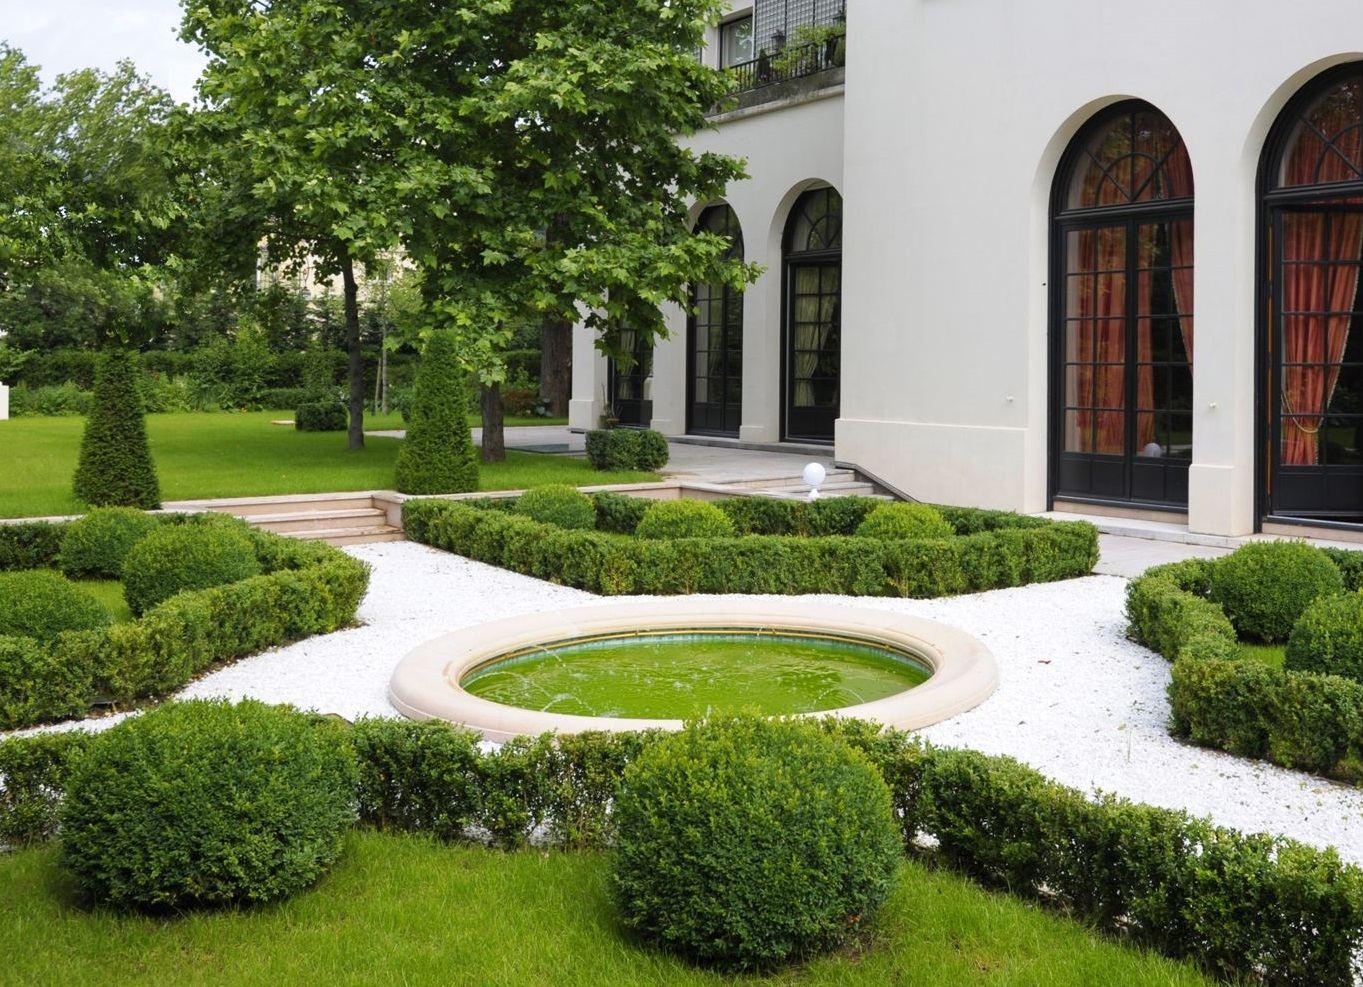 Casa Unifamiliar por un Venta en A 3200 sq.m Private Mansion with garden for sale, Neuilly - Bois de Boulogne Neuilly Sur Seine, Ile-De-France, 92200 Francia